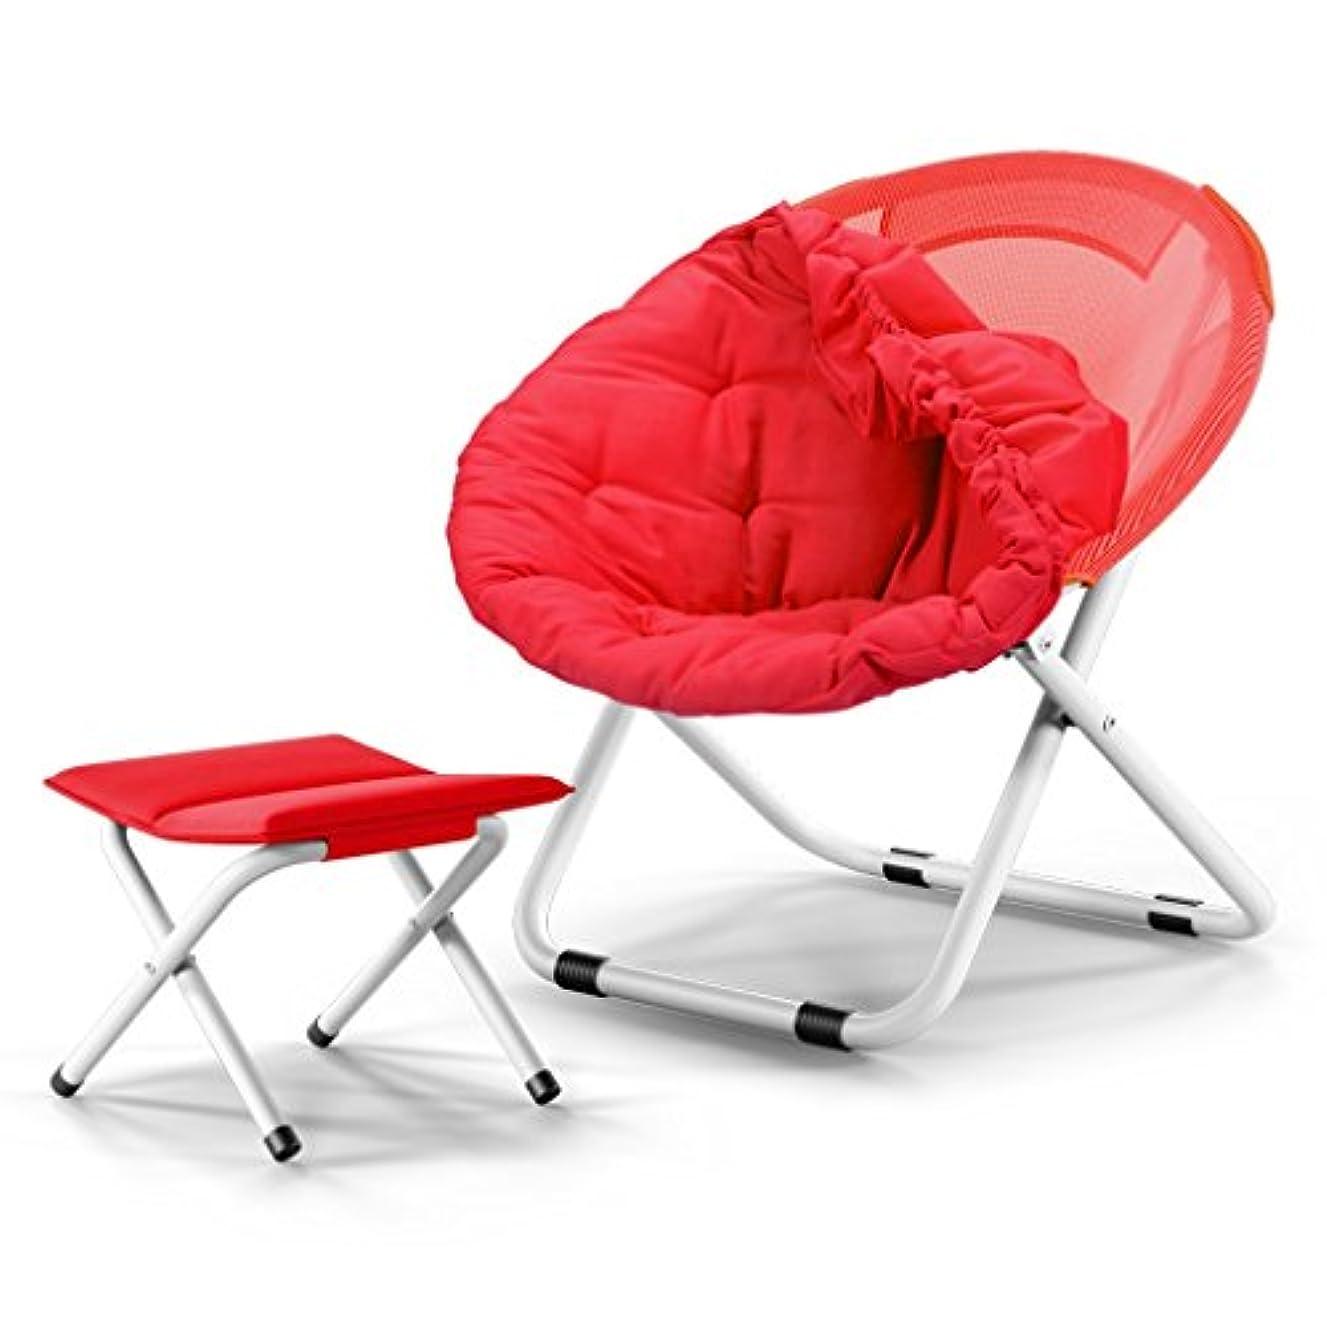 気性削除する枝折り畳み式デッキチェア携帯用旅行折りたたみ椅子丸型チェアムーンチェアキャンプチェアレジャーソファ椅子背もたれ椅子庭園パティオサンラウンジャー (色 : 赤, 設計 : A+Footstool)